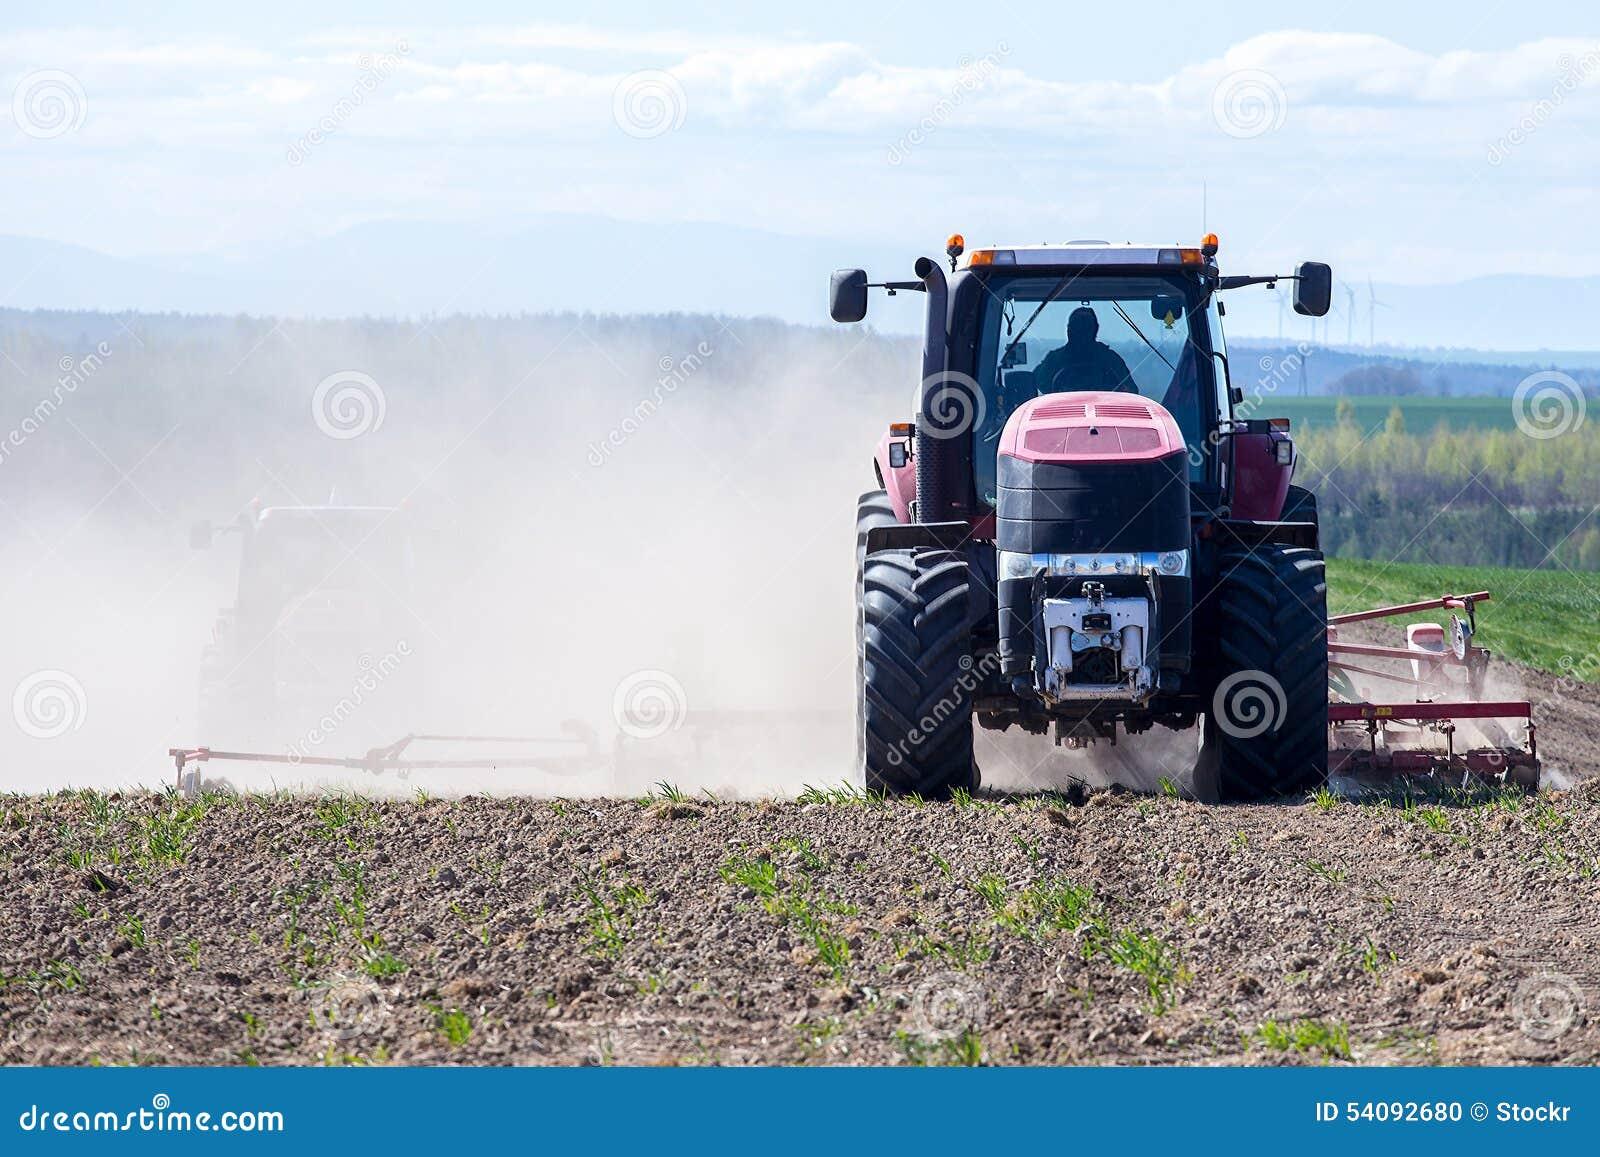 Harrowing tractor het gebied